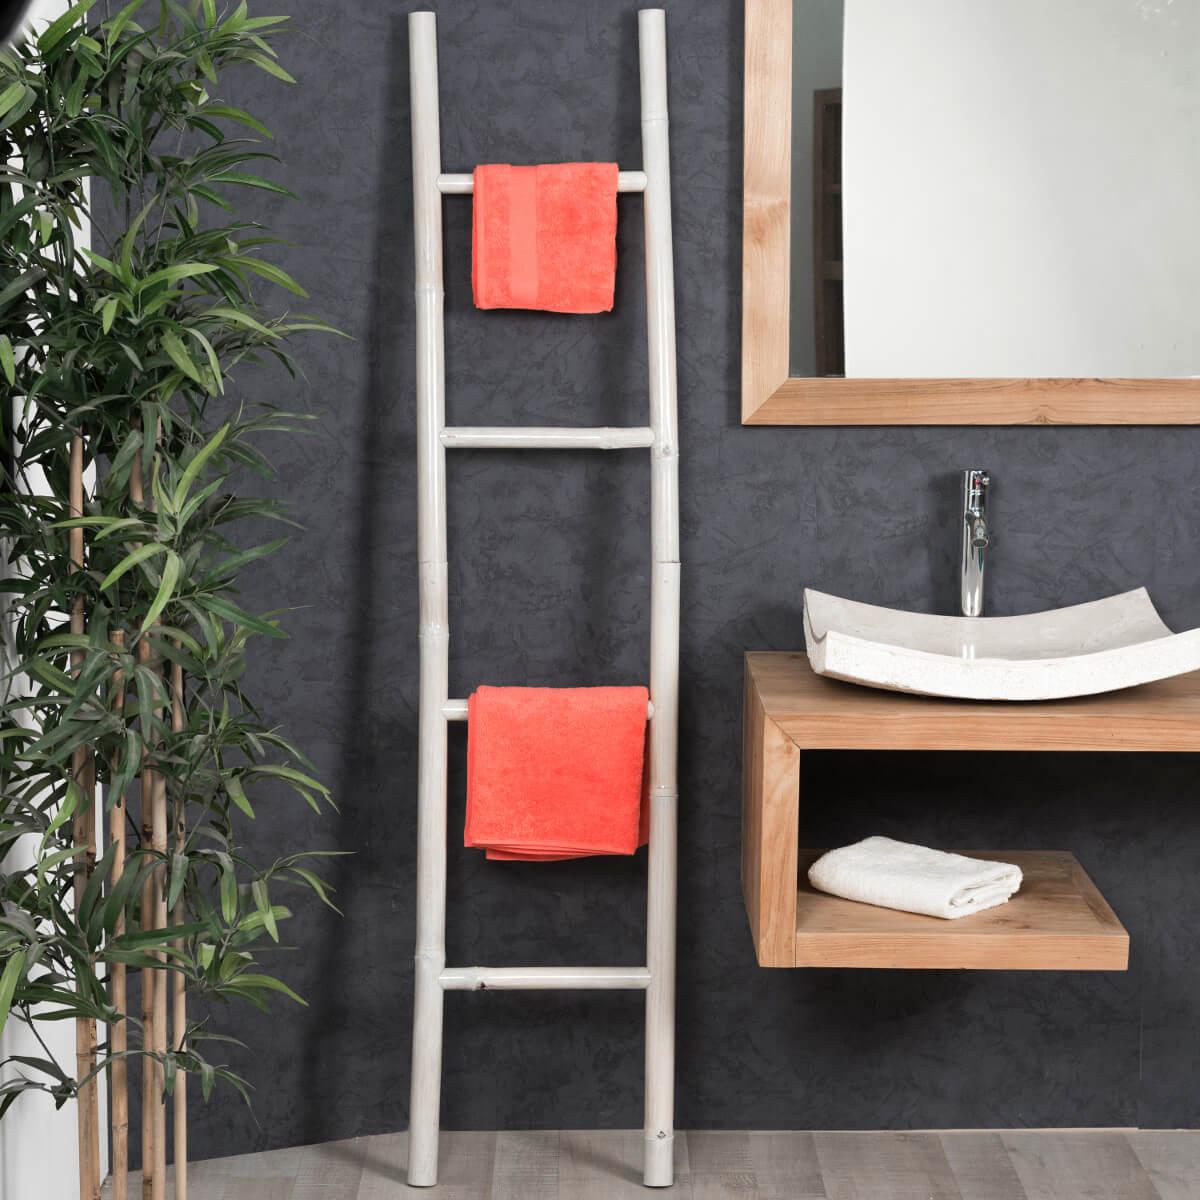 Echelle Salle De Bain Ikea Impressionnant Images Echelle Porte Serviette Alinea Unique Porte Serviette Echelle Bois